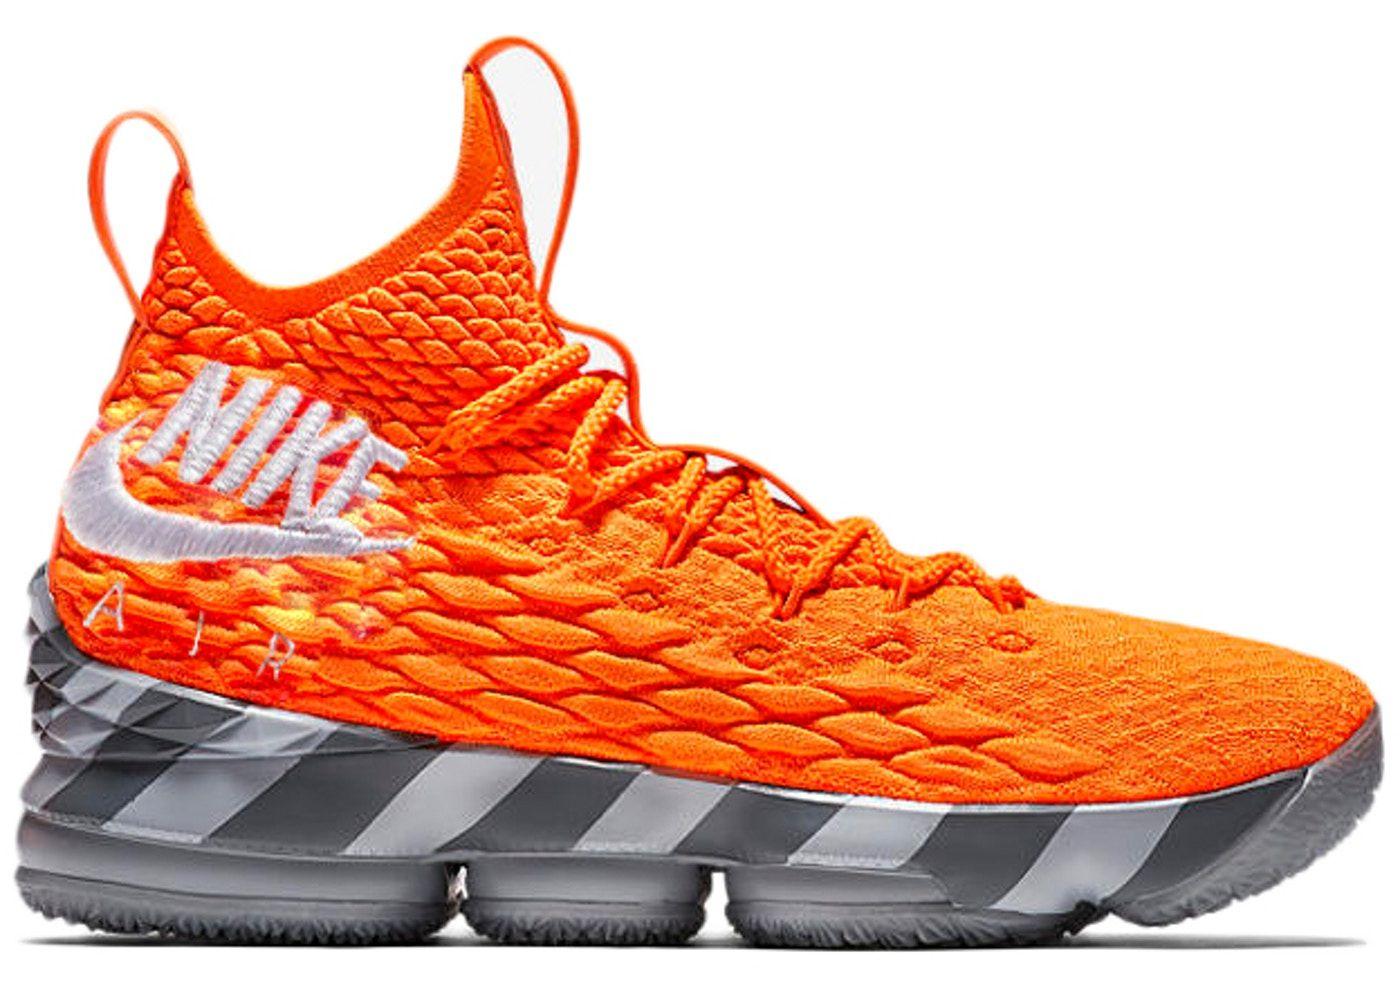 Nike Lebron 15 Orange Box In 2020 Nike Lebron New Basketball Shoes Nike